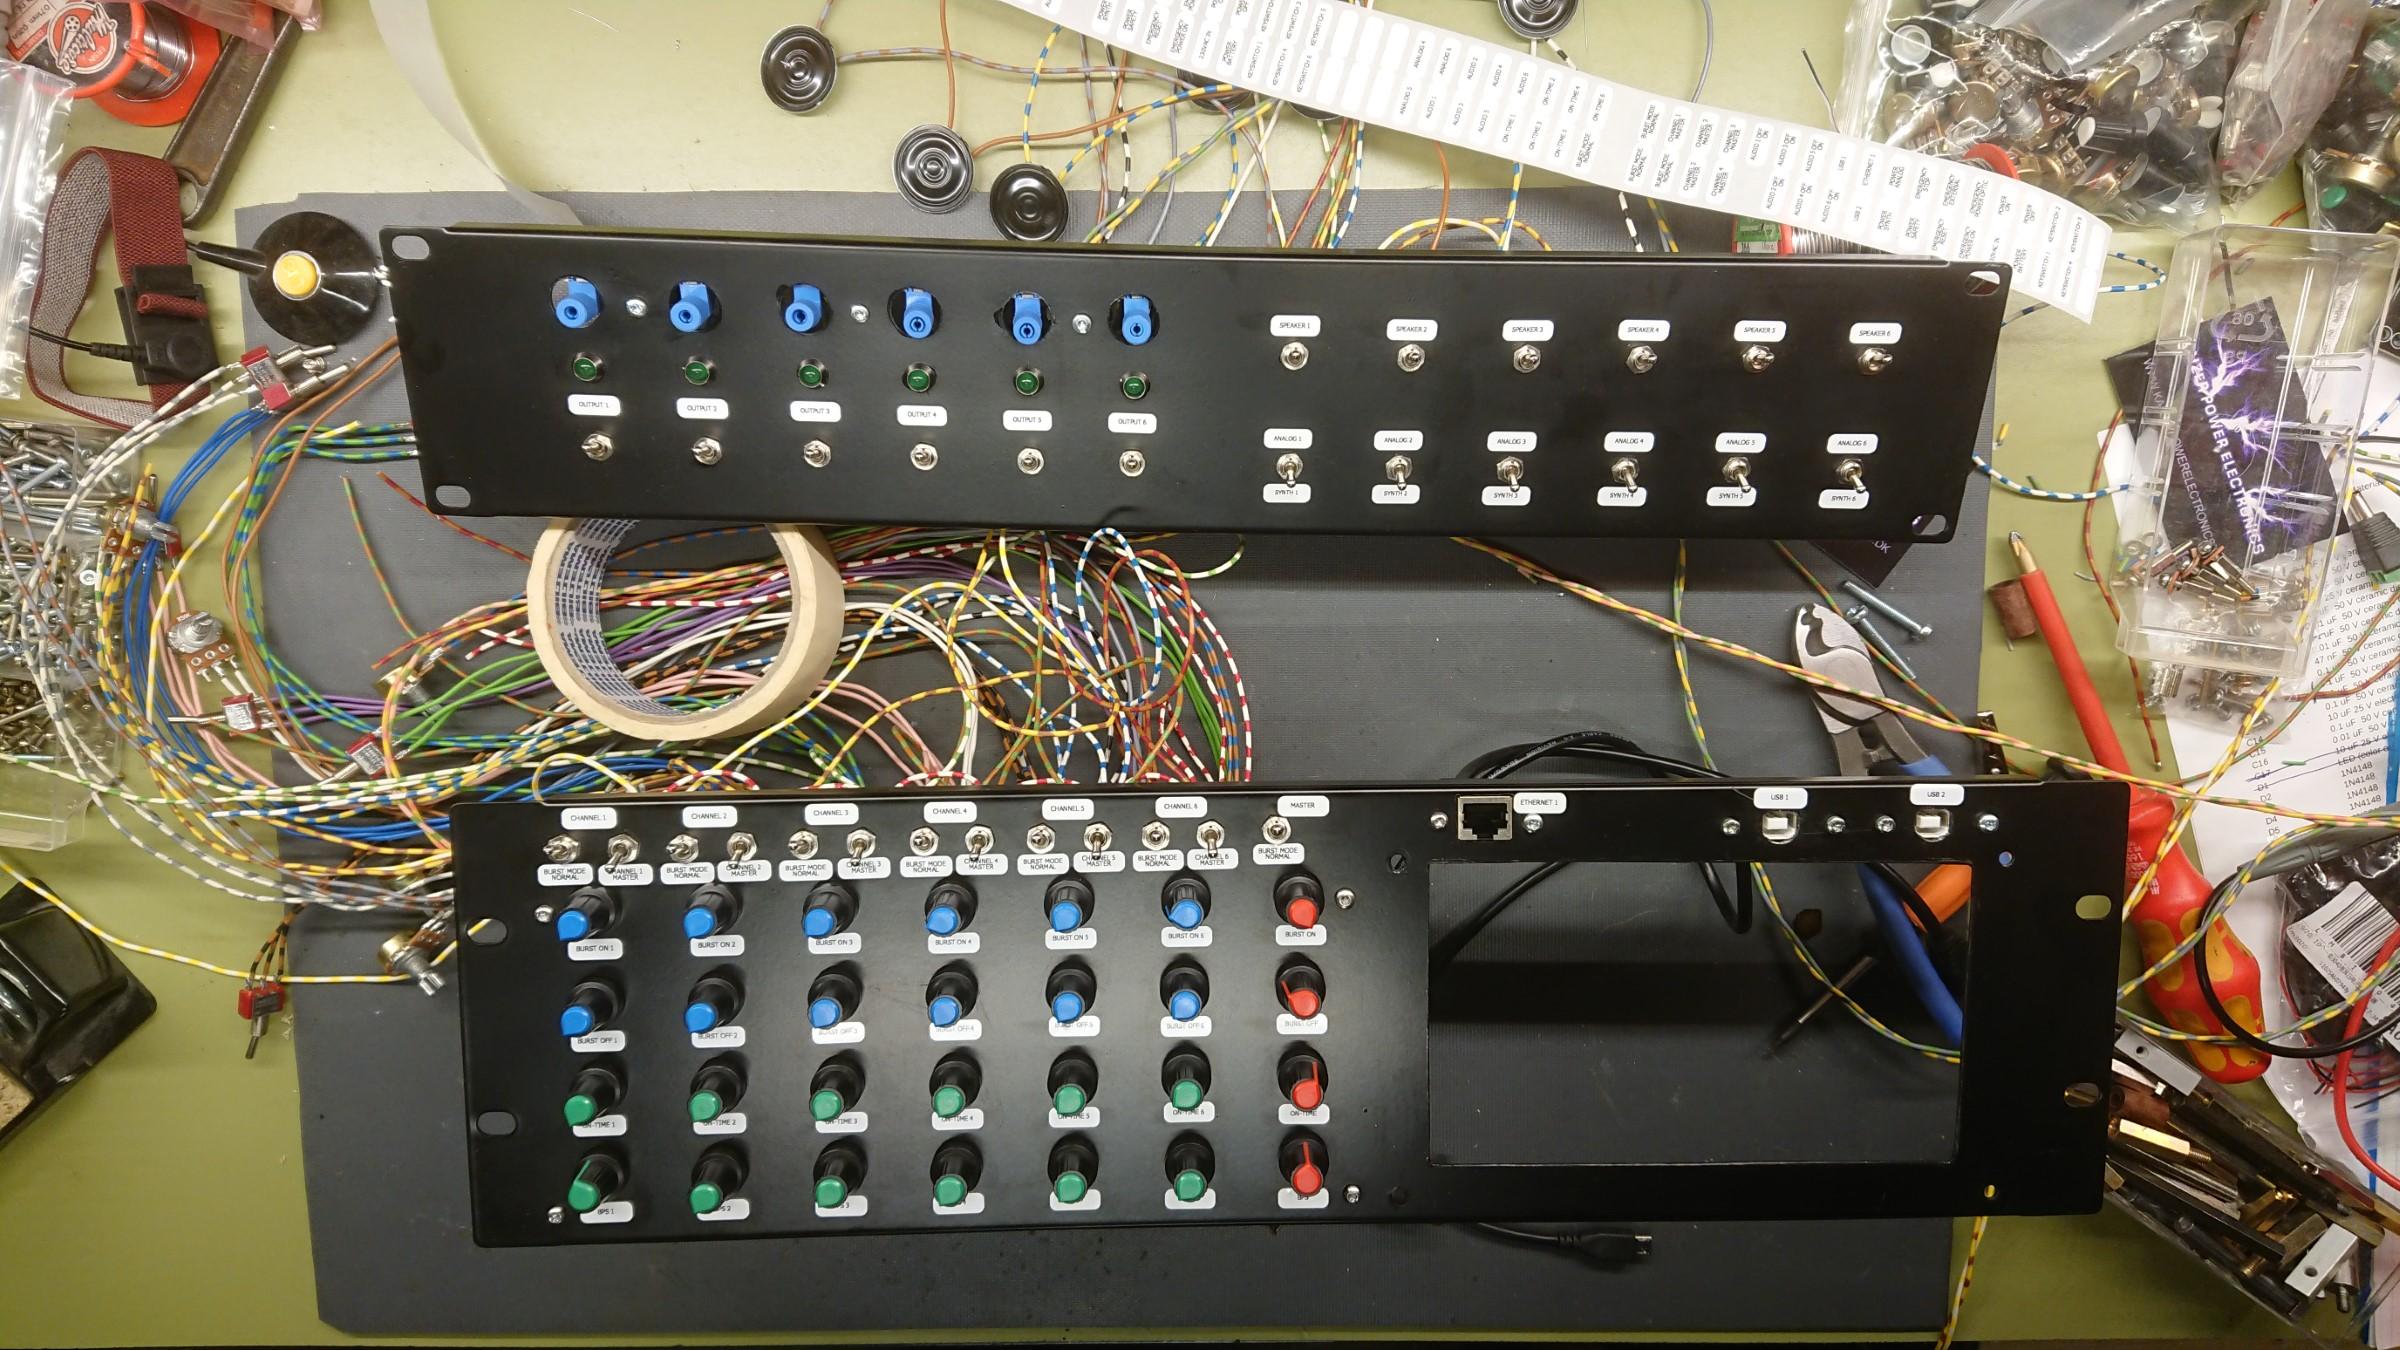 6 Channel DRSSTC Show Controller